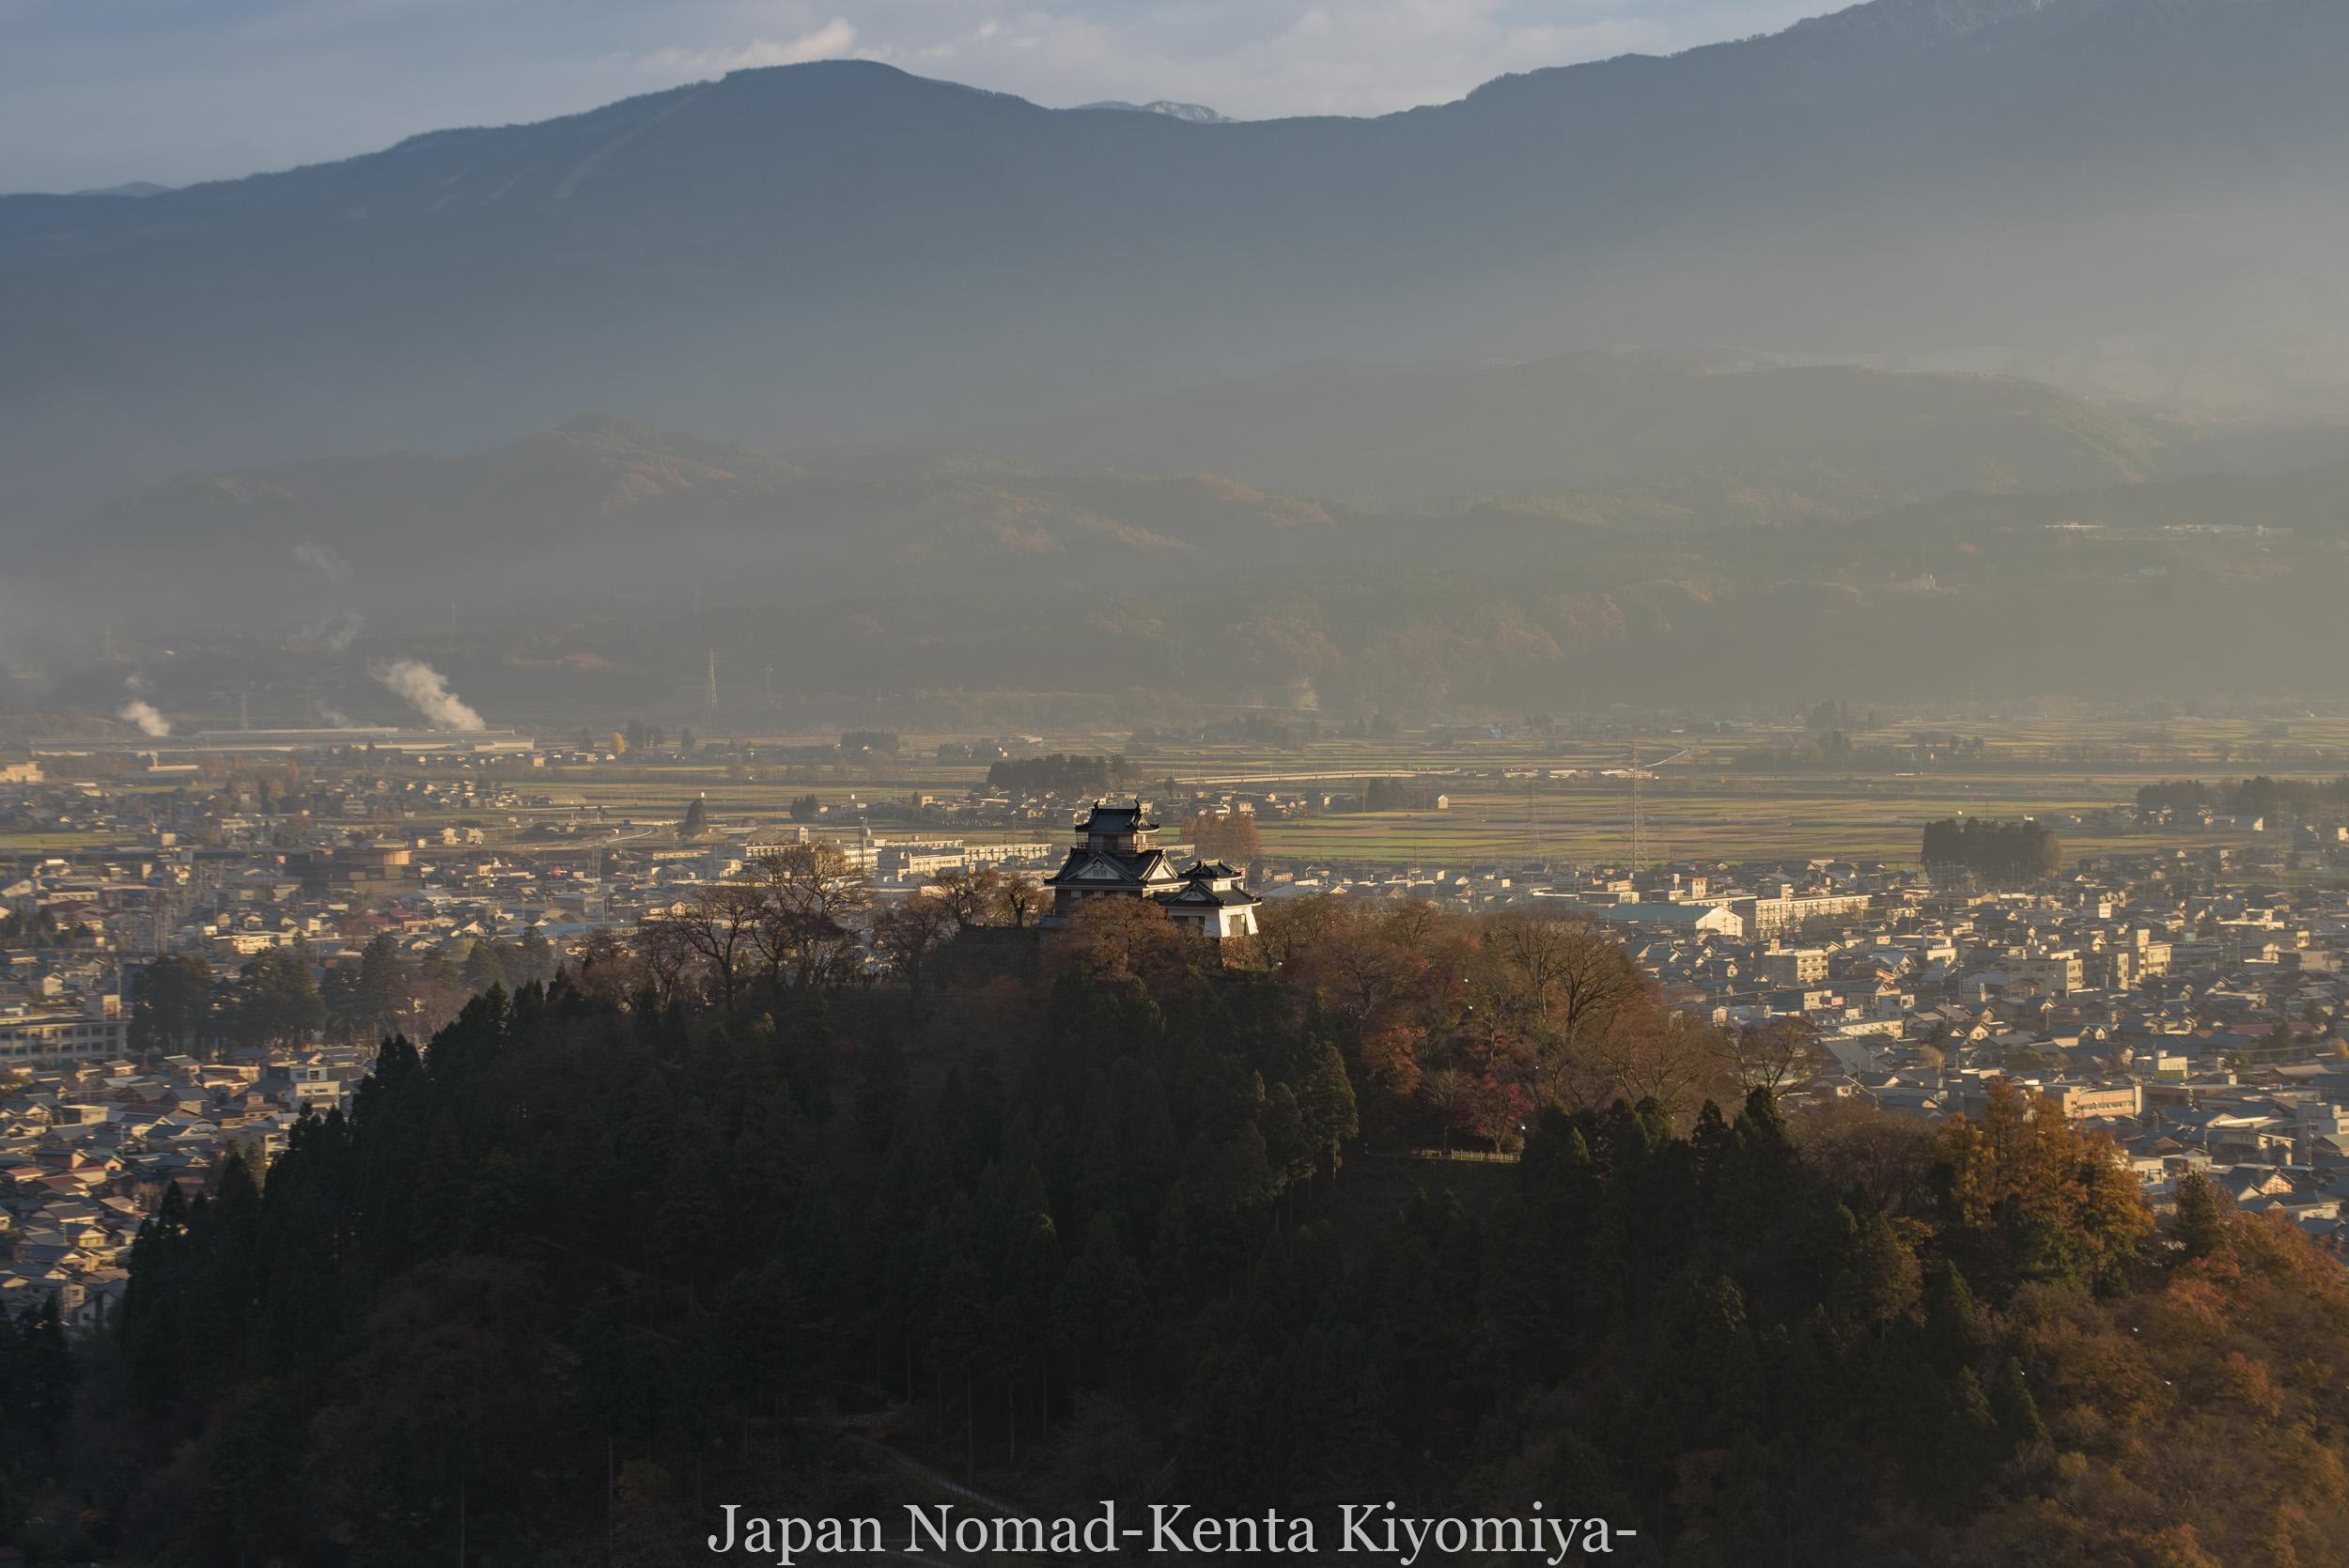 【旅152日目】越前大野城で天空の城を狙ったが雲海が出ずに惨敗だったよ